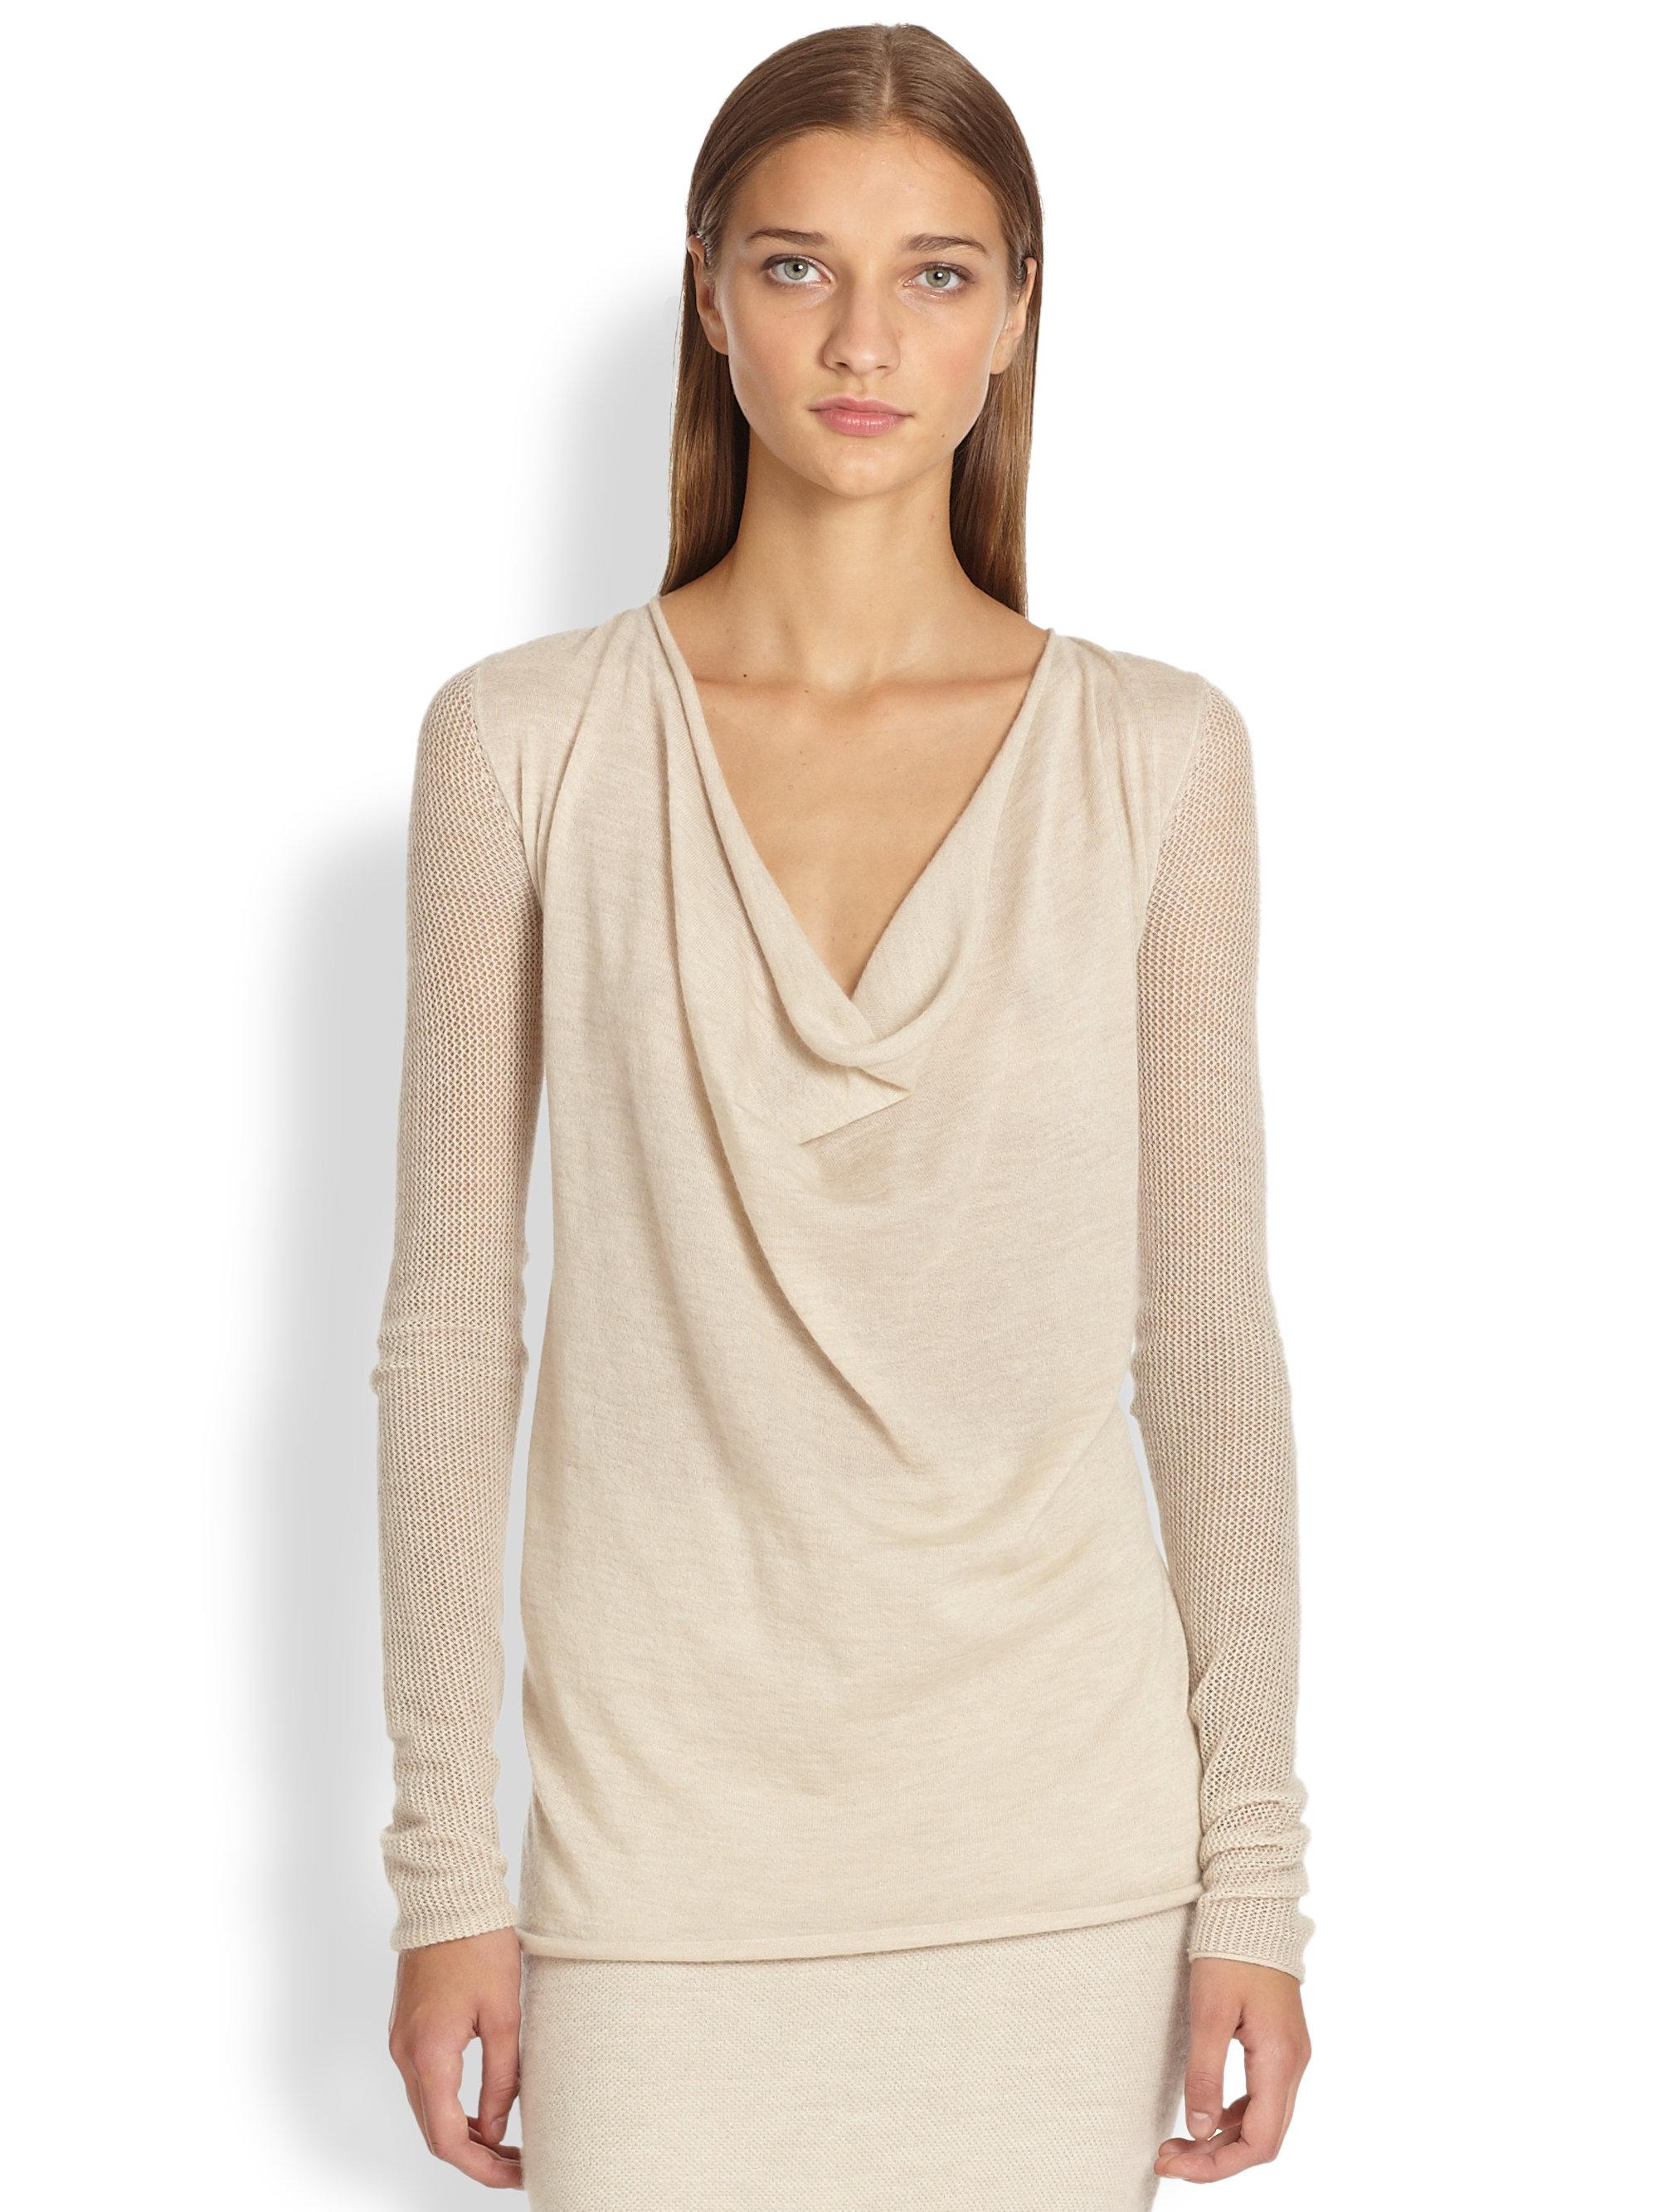 Donna karan new york cashmere cowl neck top in beige for Donna karan new york